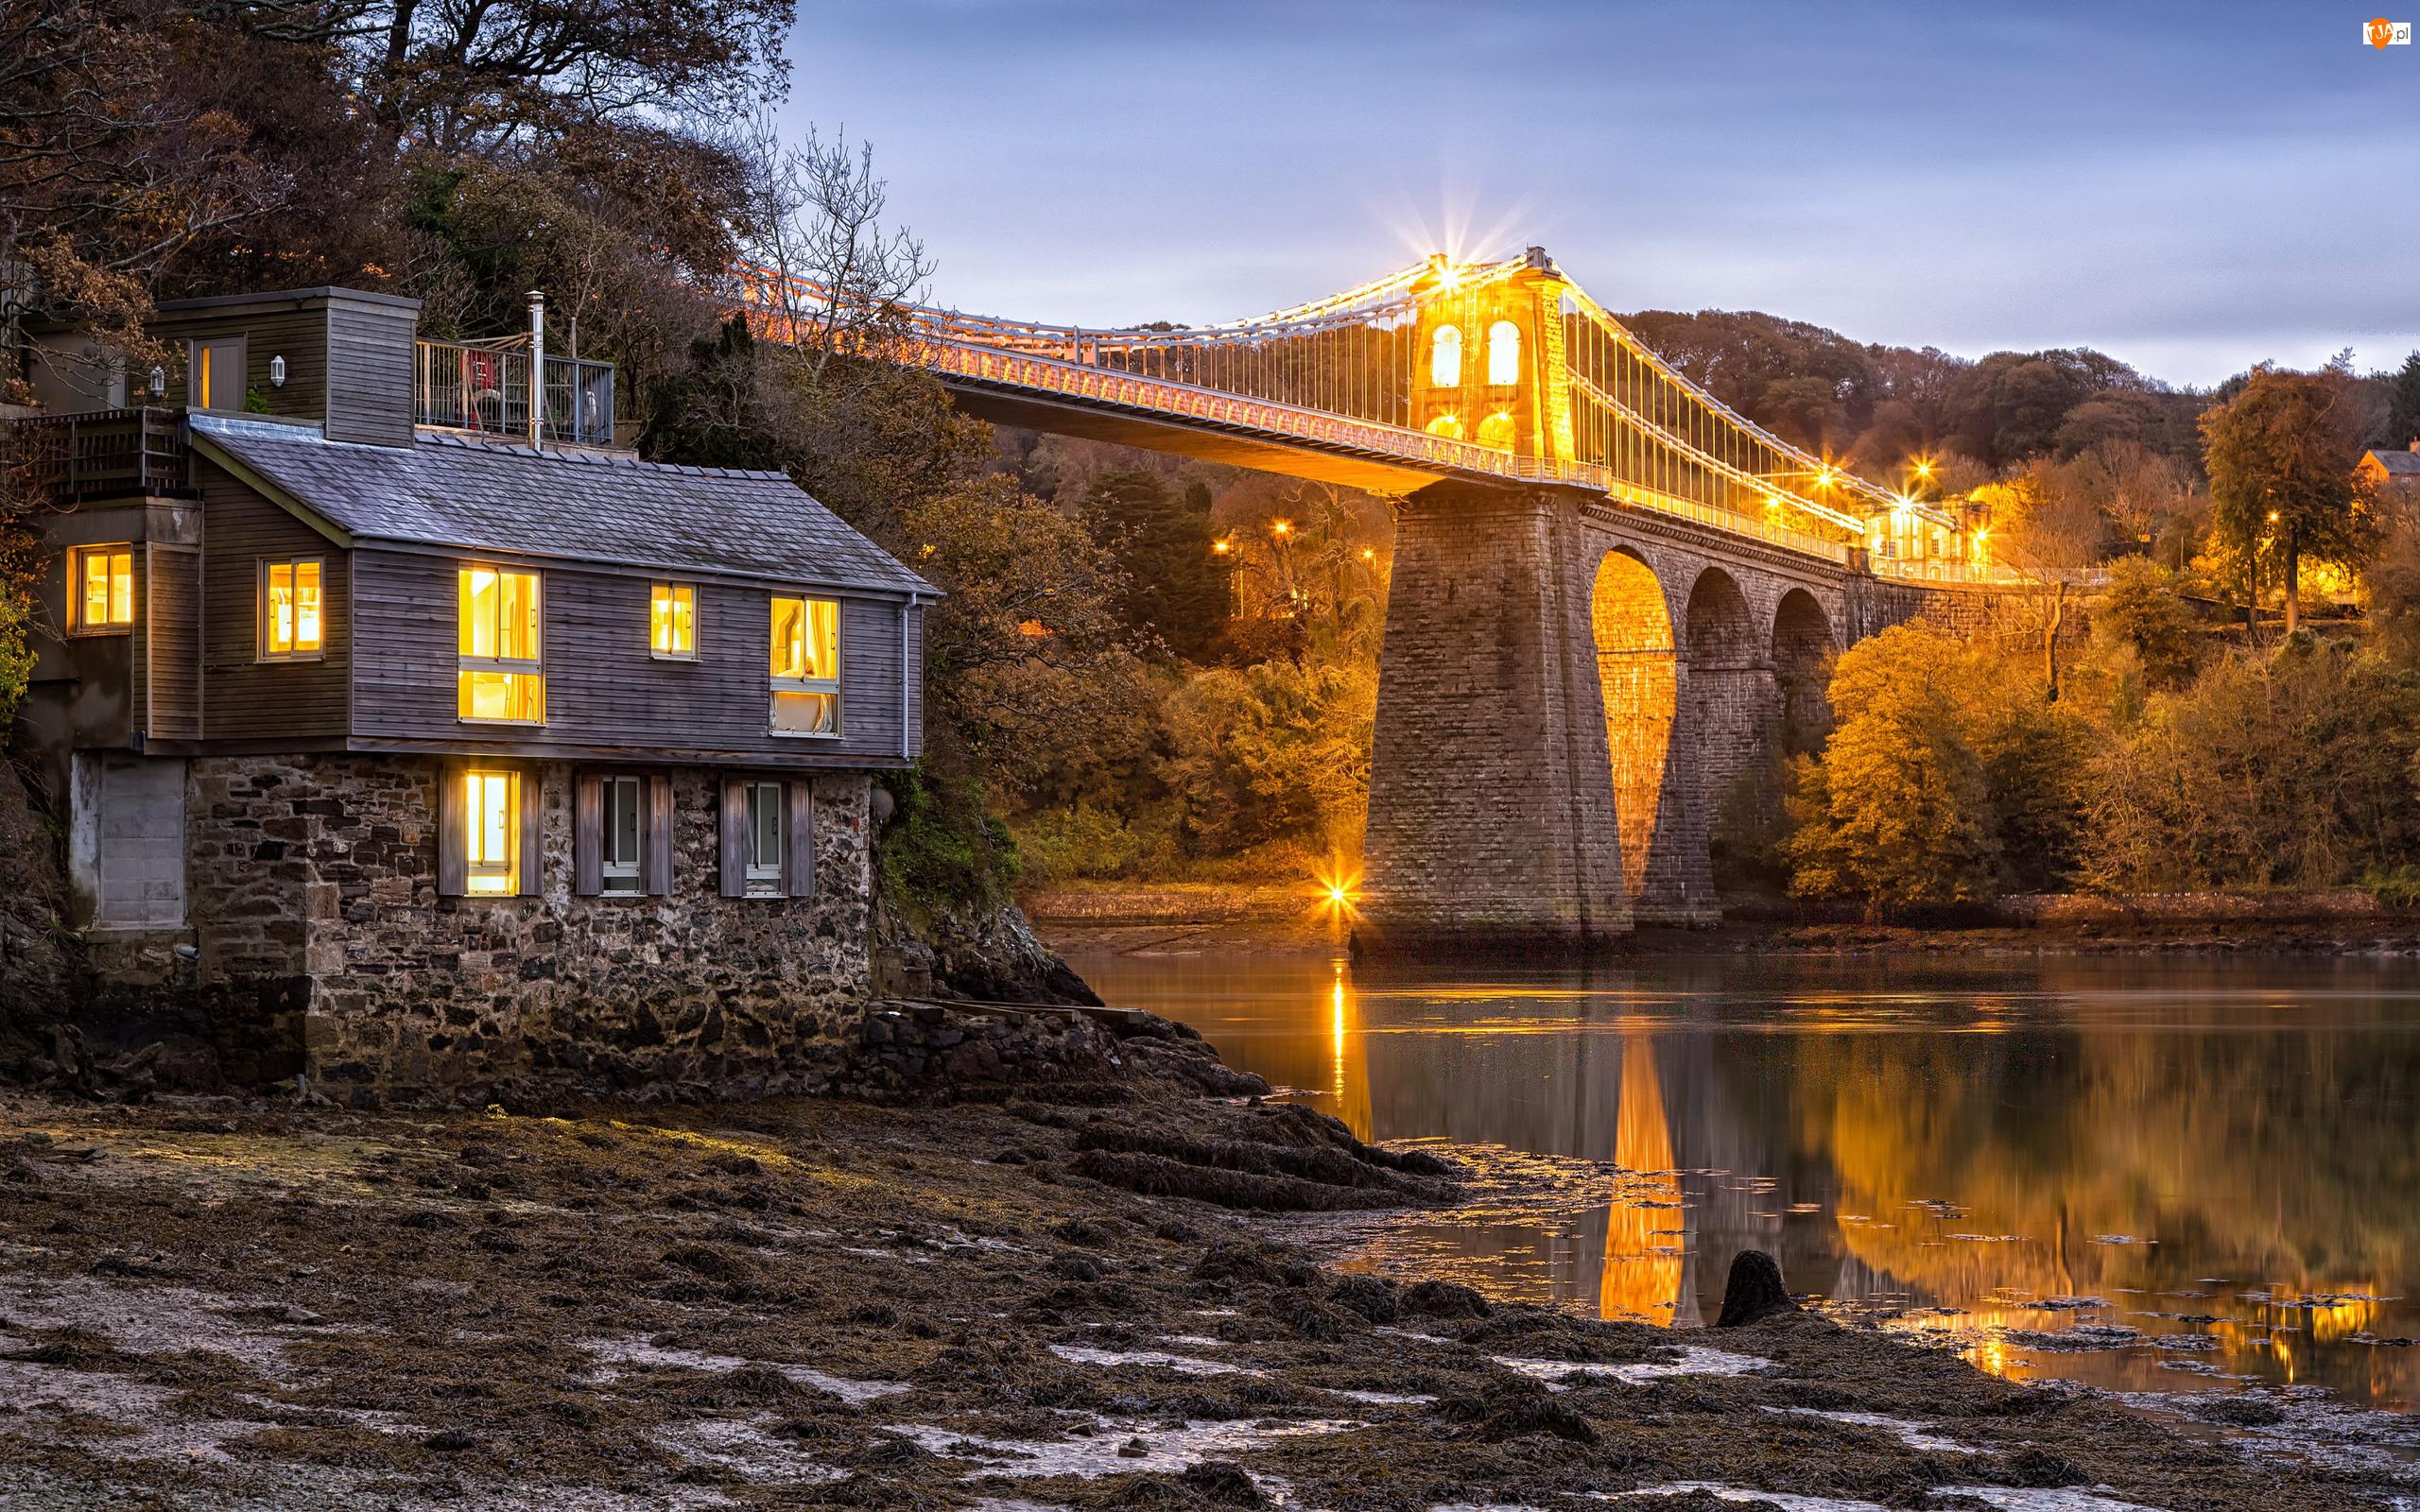 Dom, Anglia, Menai Suspension Bridge, Światło, Walia, Rzeka, Drzewa, Most